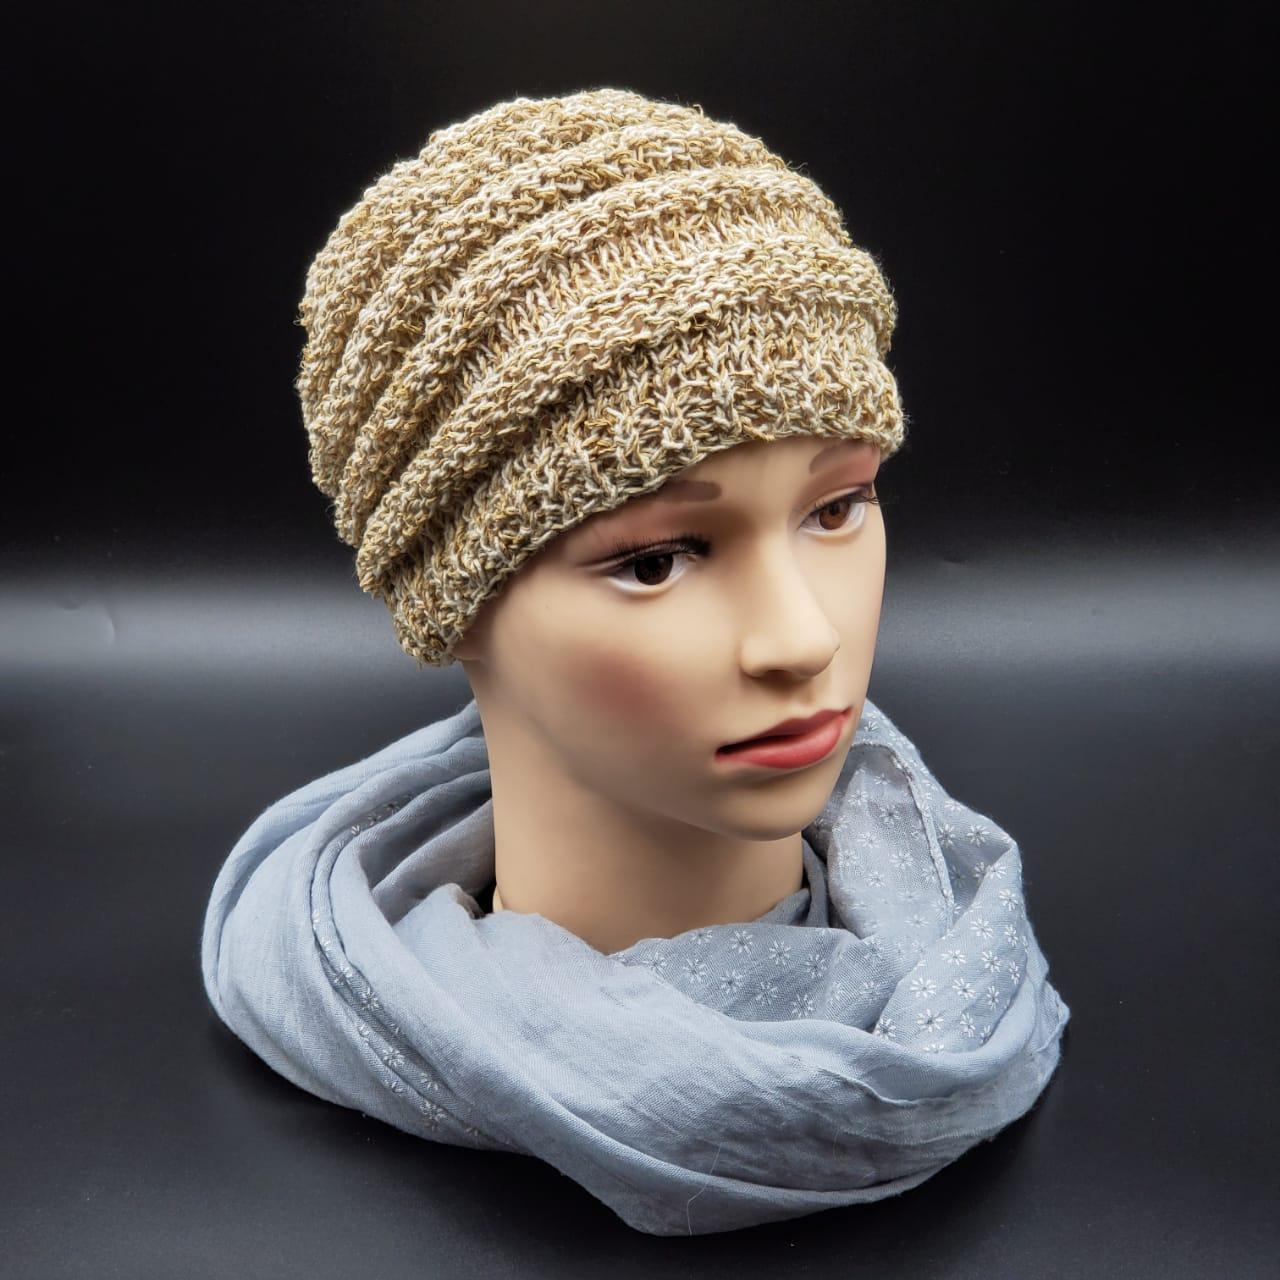 Шапочка плотной вязки натуральная из Непала ручной работы женская,натуральная.